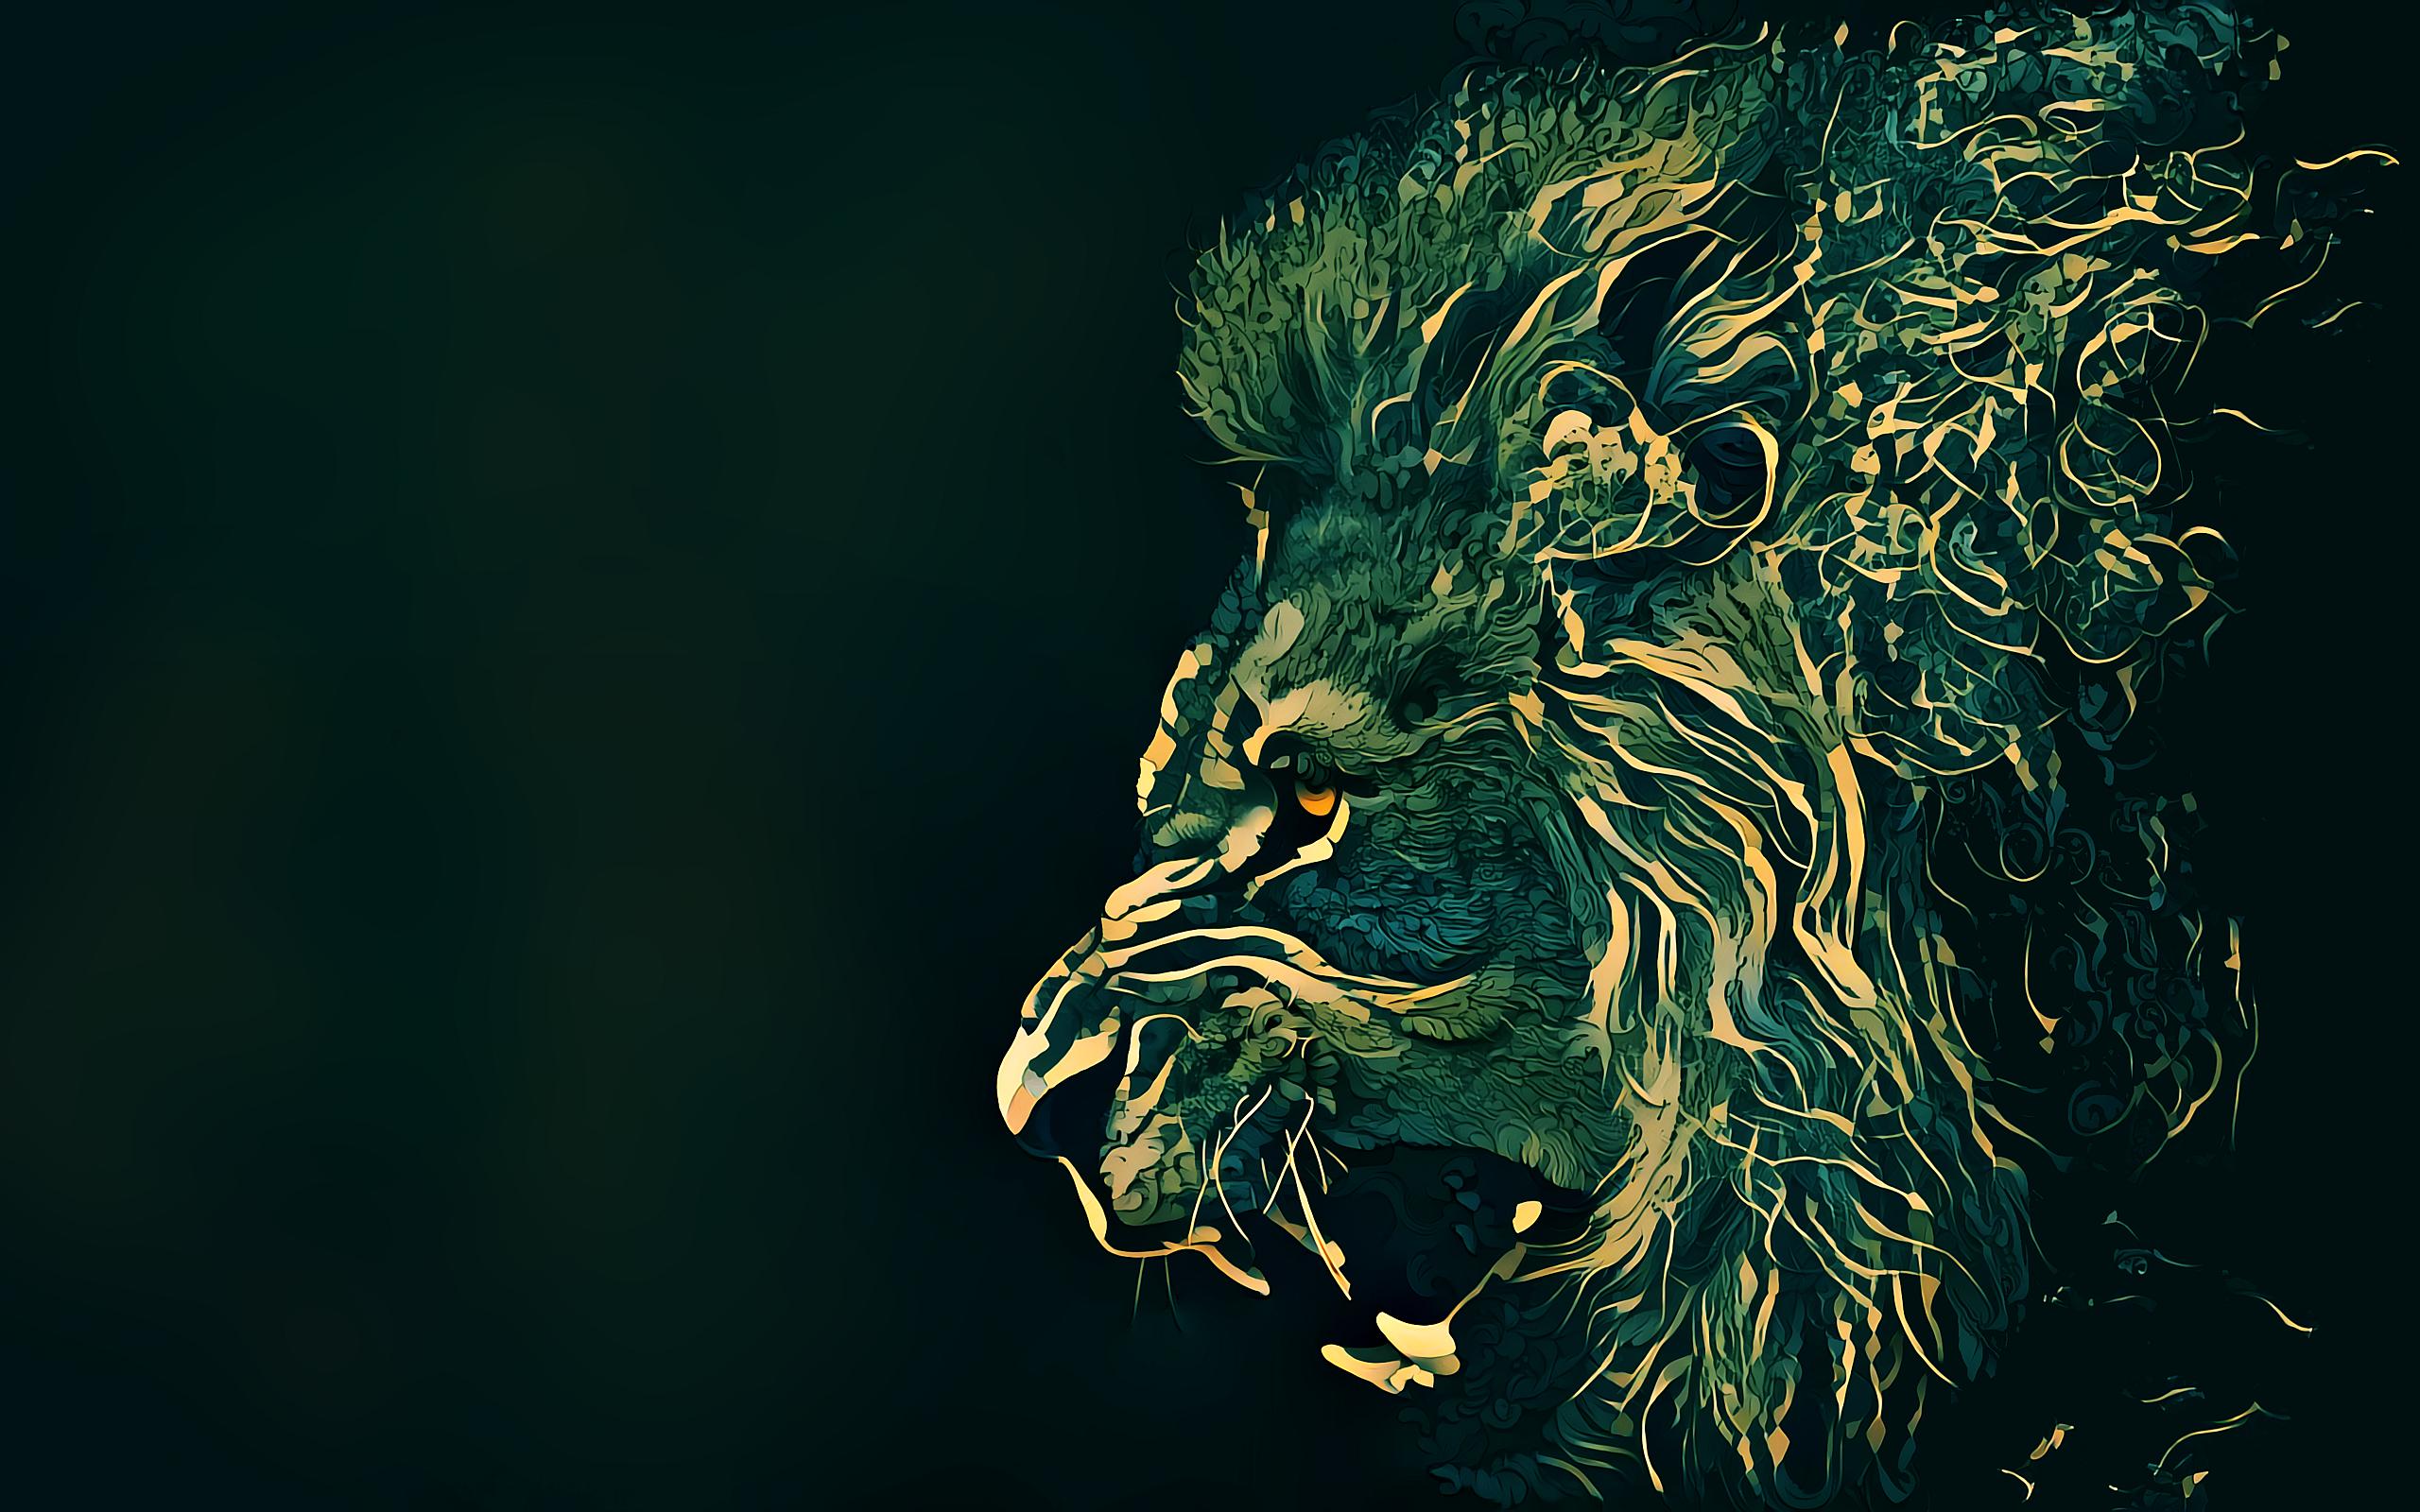 배경 화면 : 삽화, 사자, 야생 생물, 어둠, 스크린 샷, 컴퓨터 벽지, 가상의 인물, 특수 효과